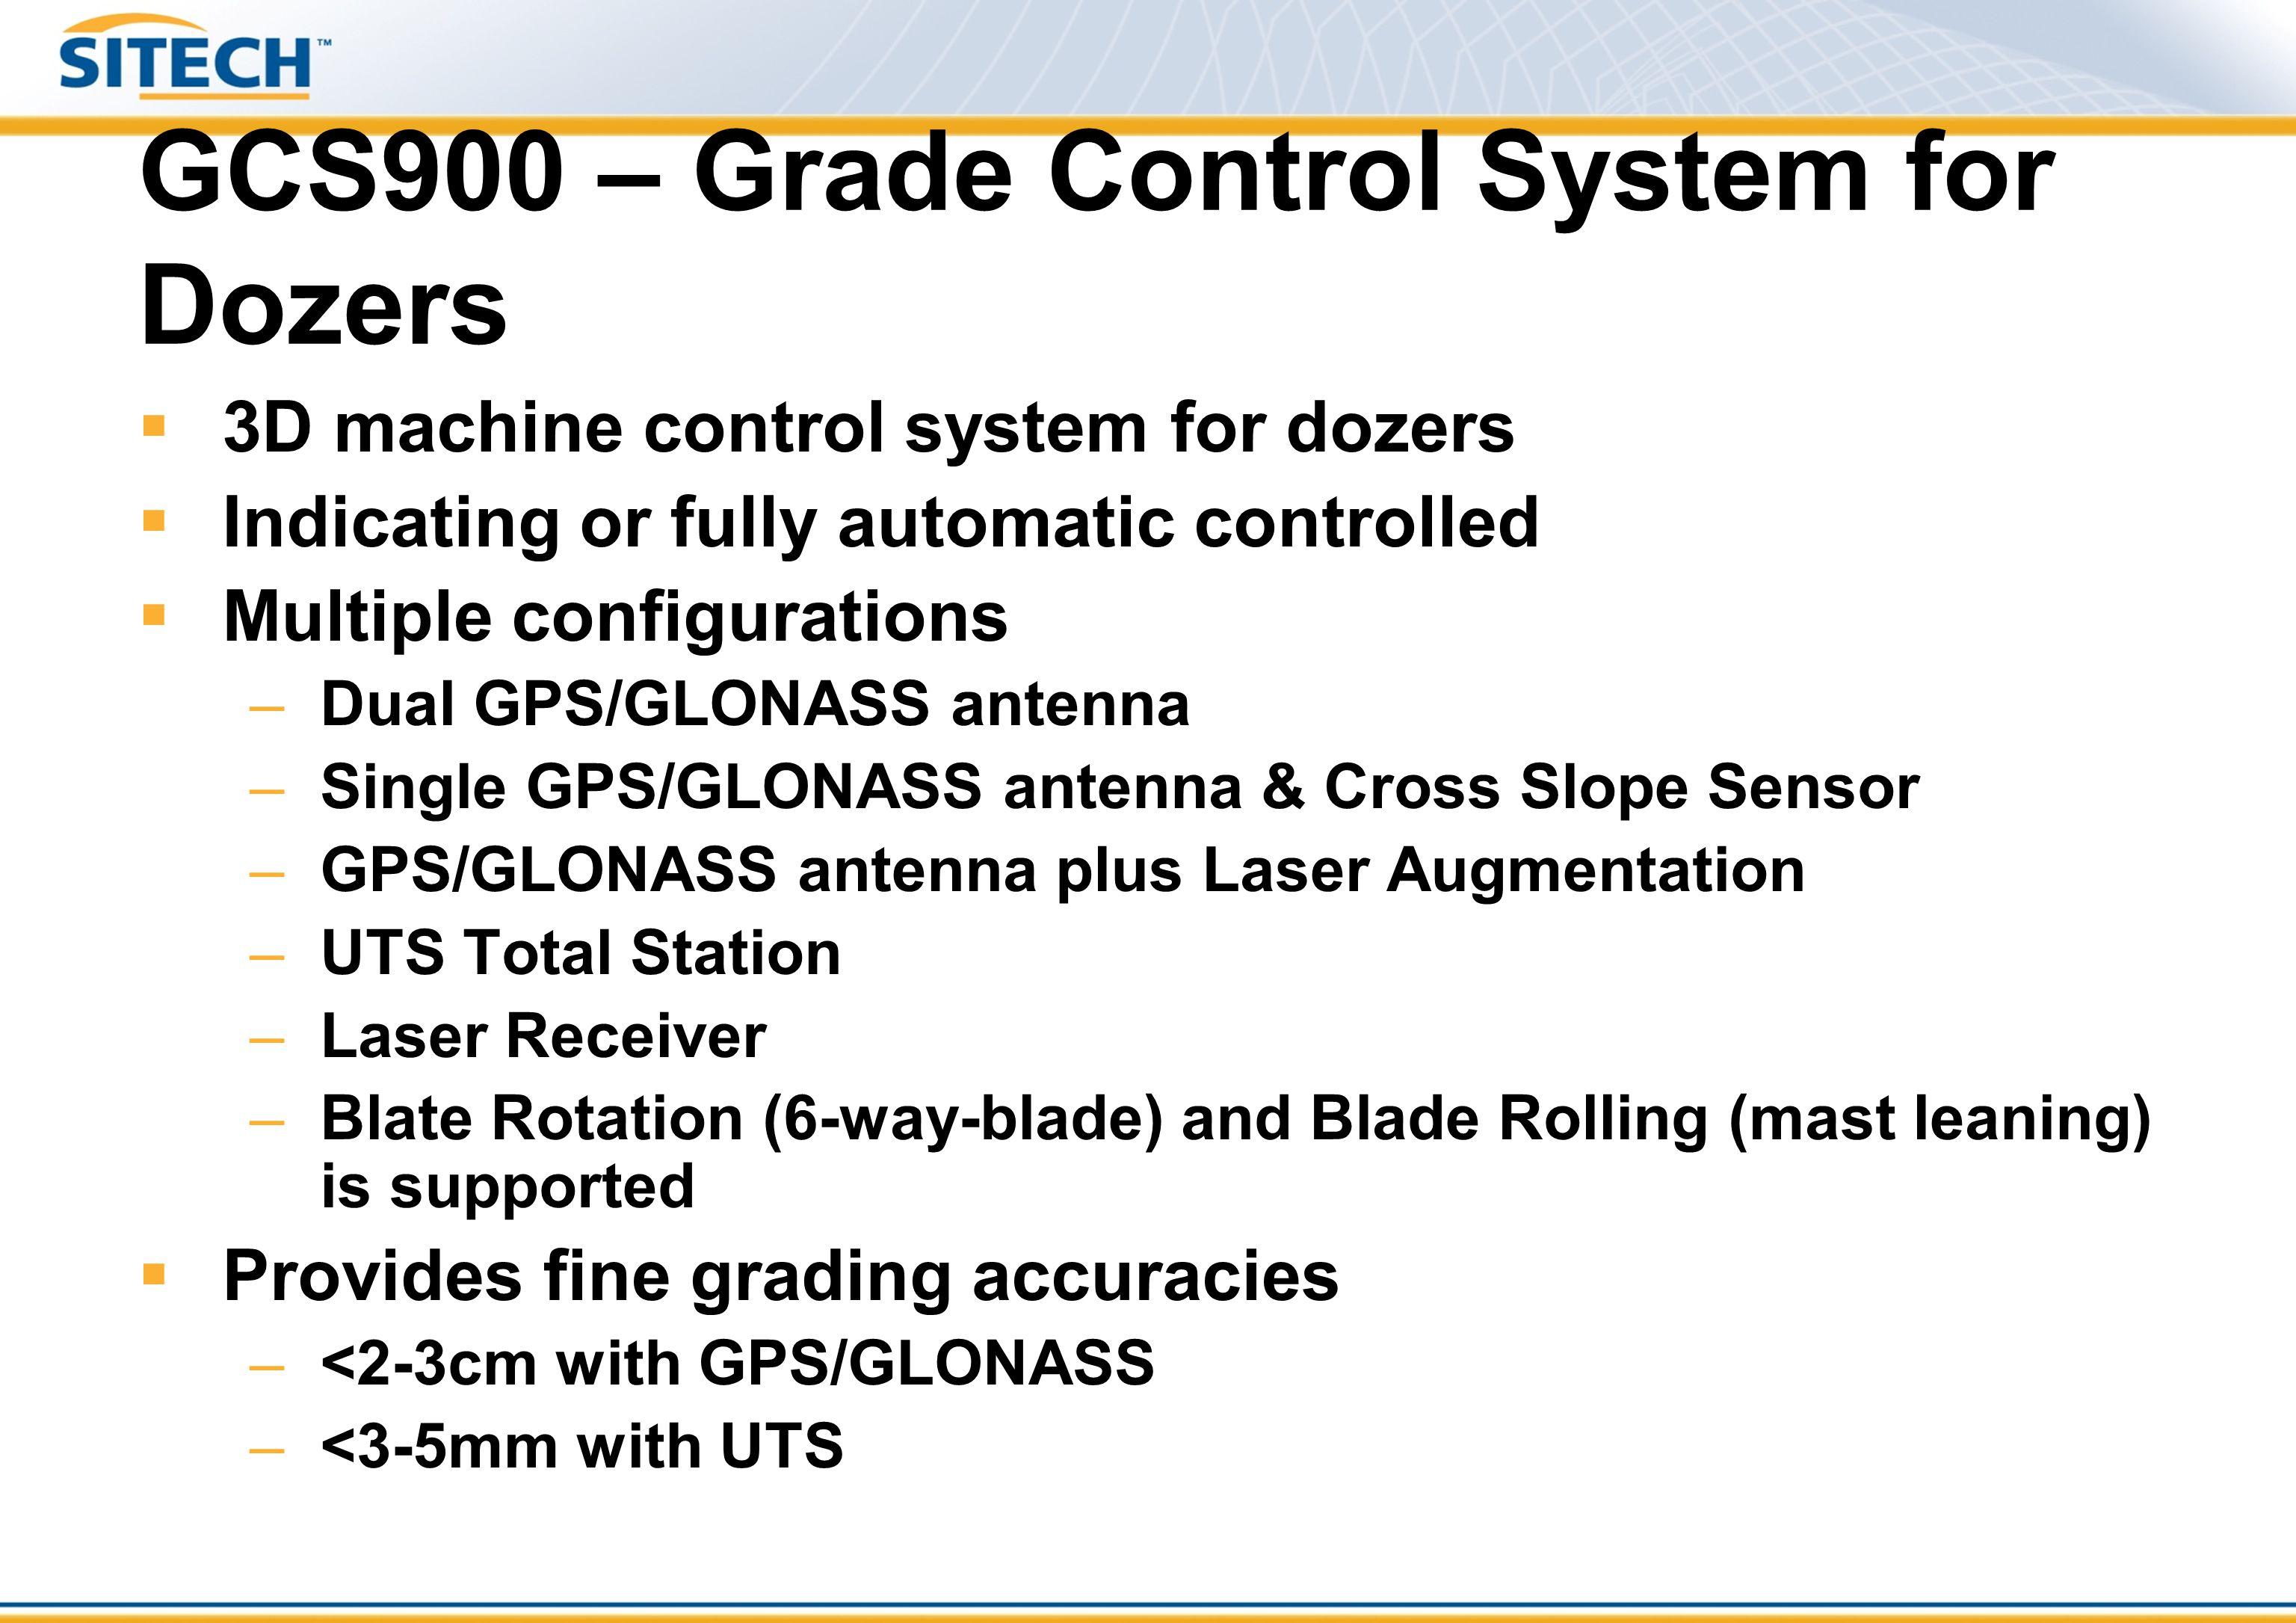 GCS900 – Grade Control System for Dozers